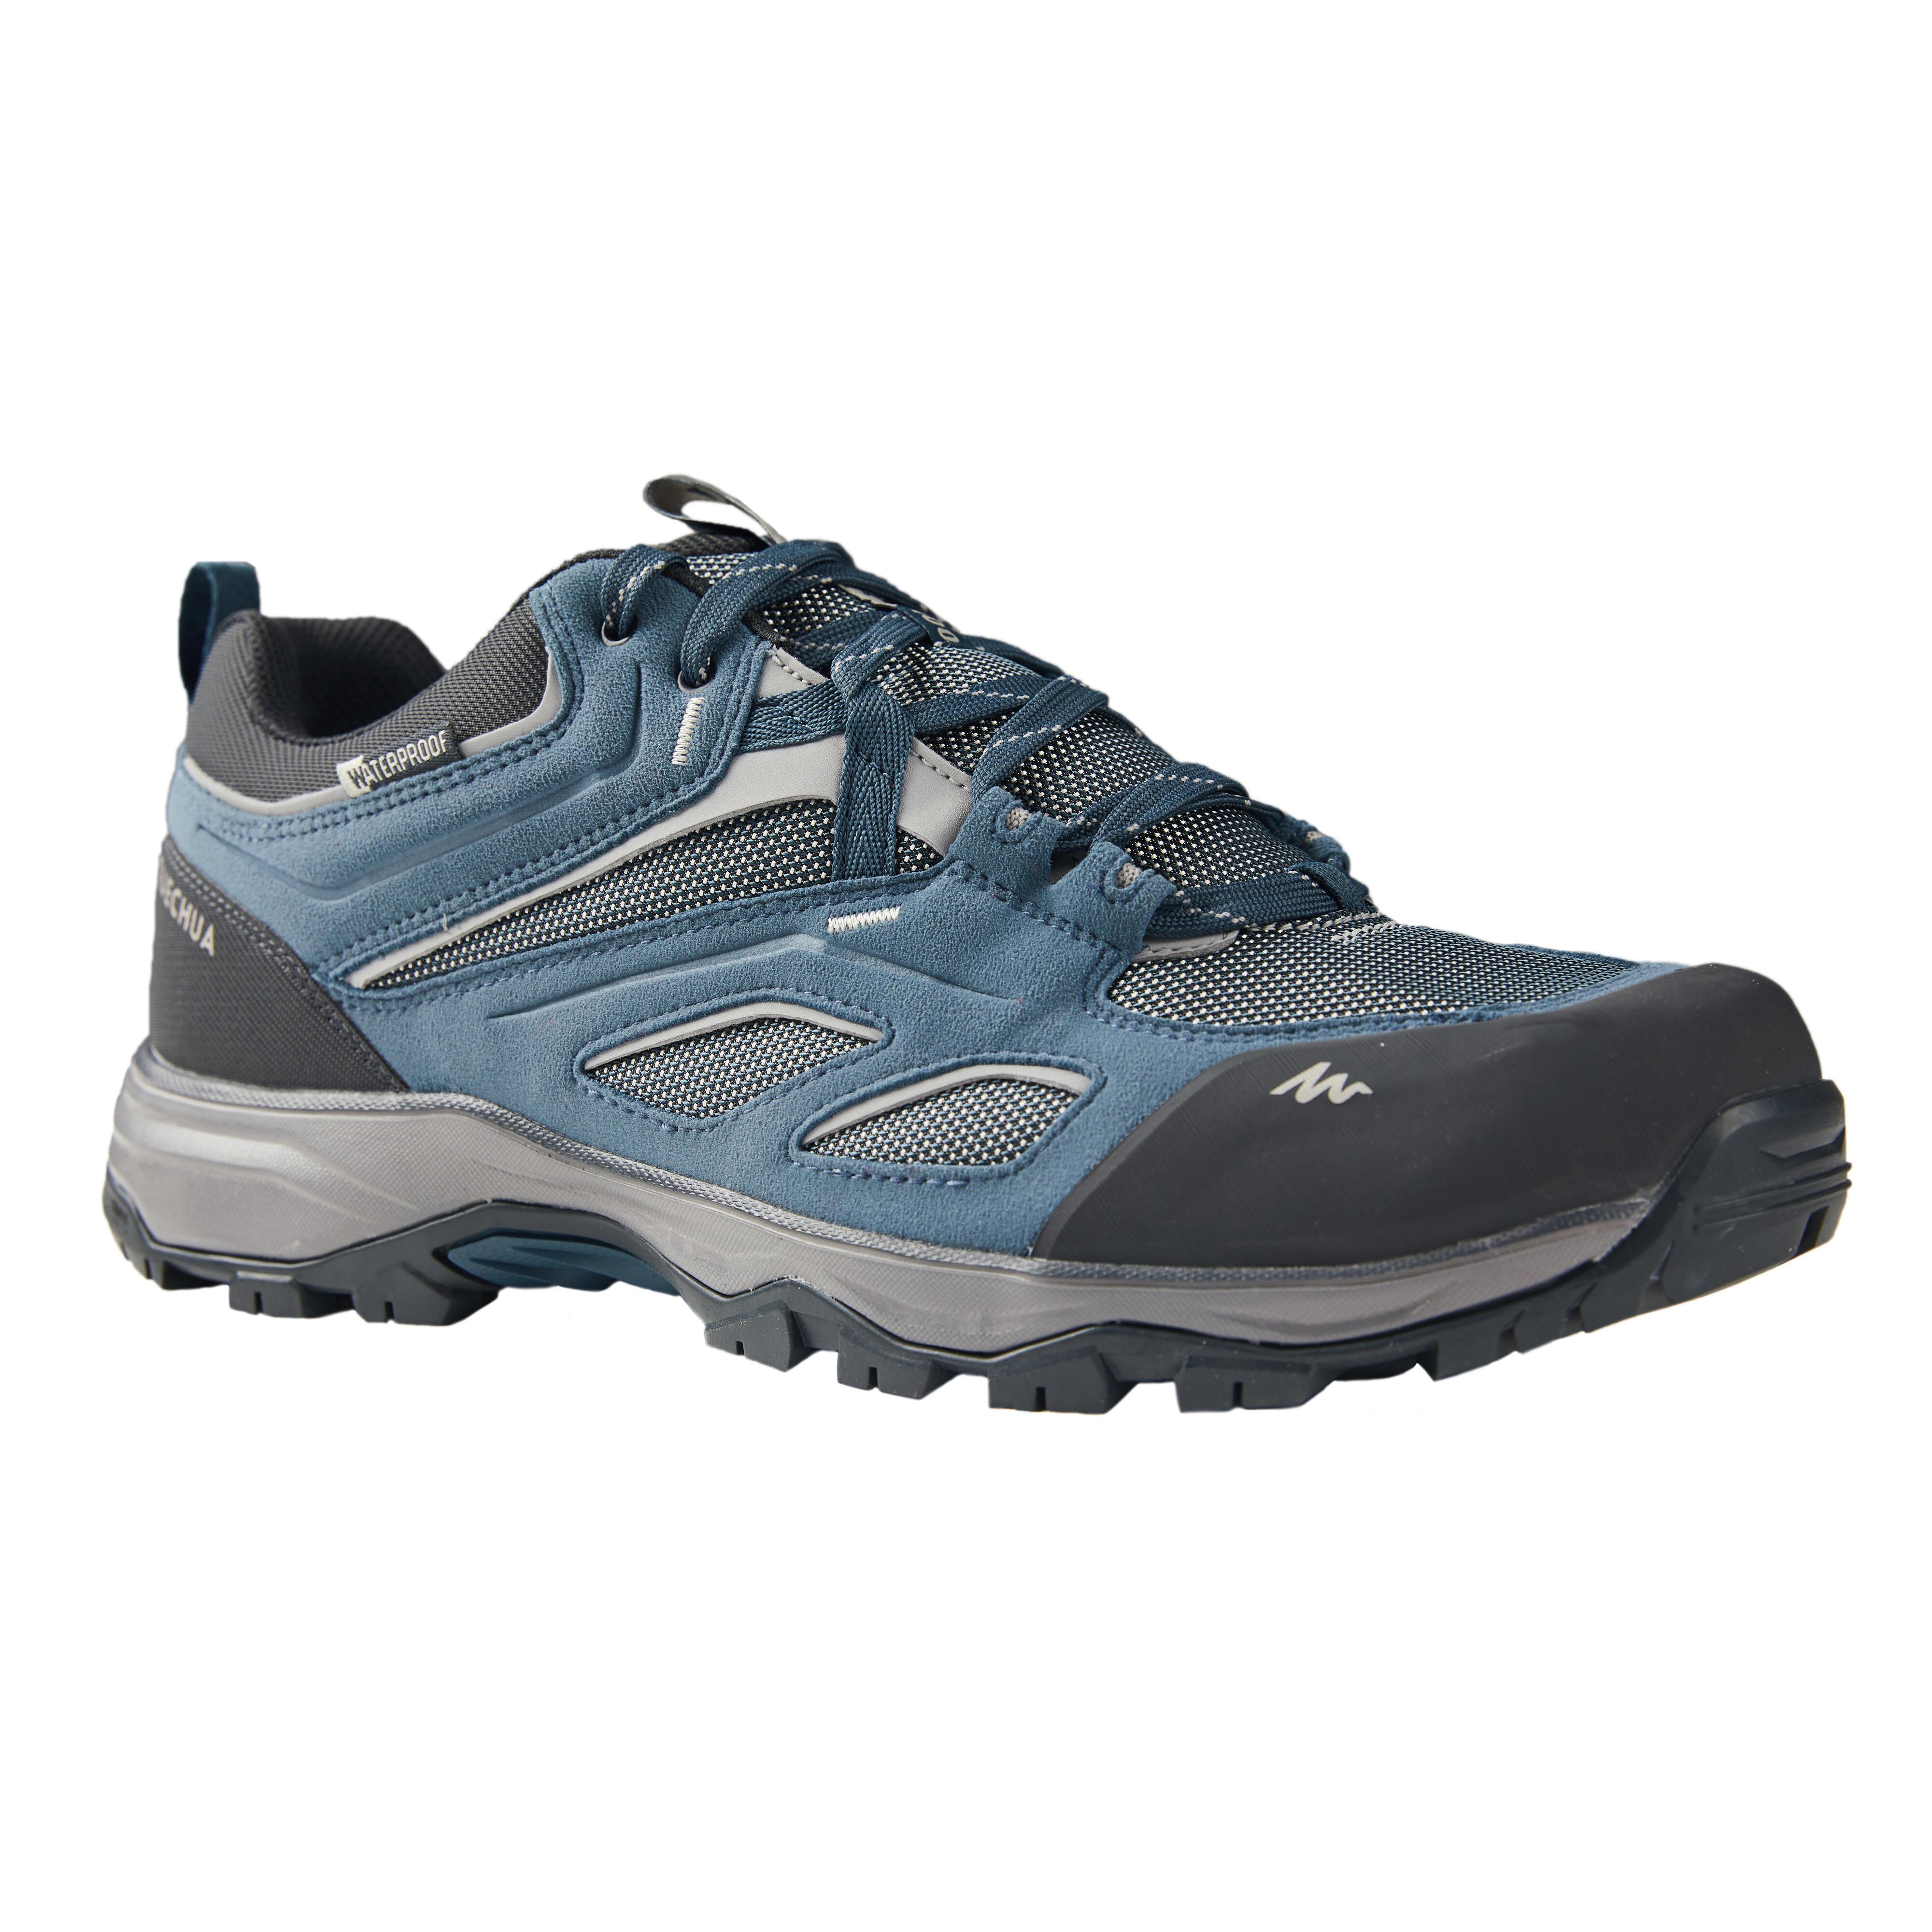 Hiking Boots Hong Kong   Buy Hiking